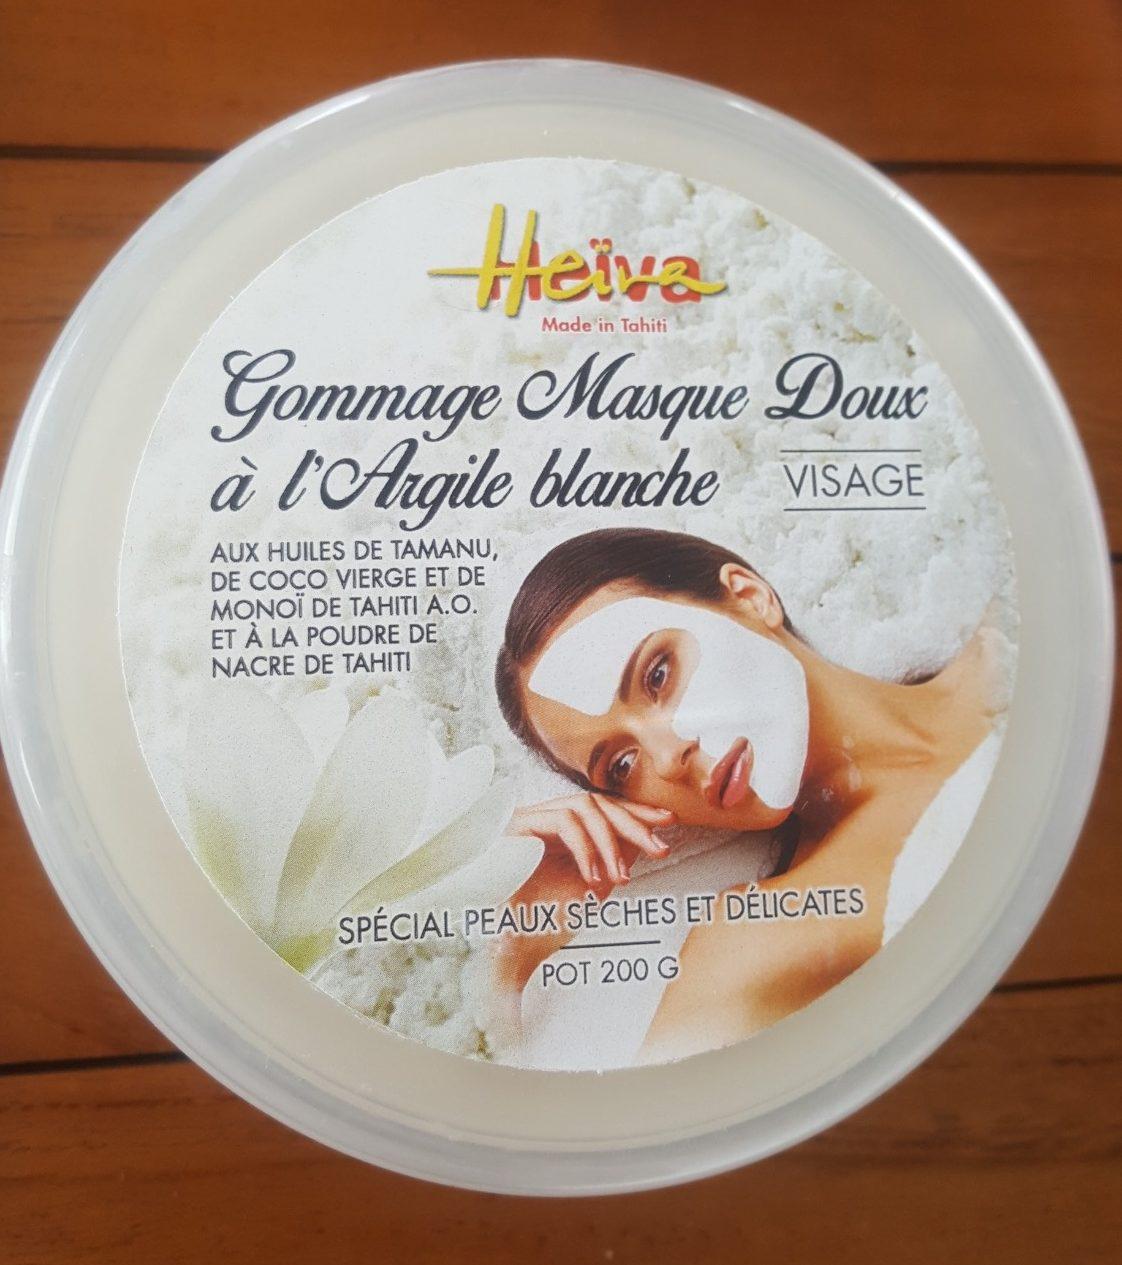 Gommage Masque Doux à l'argile Blanche - Product - fr